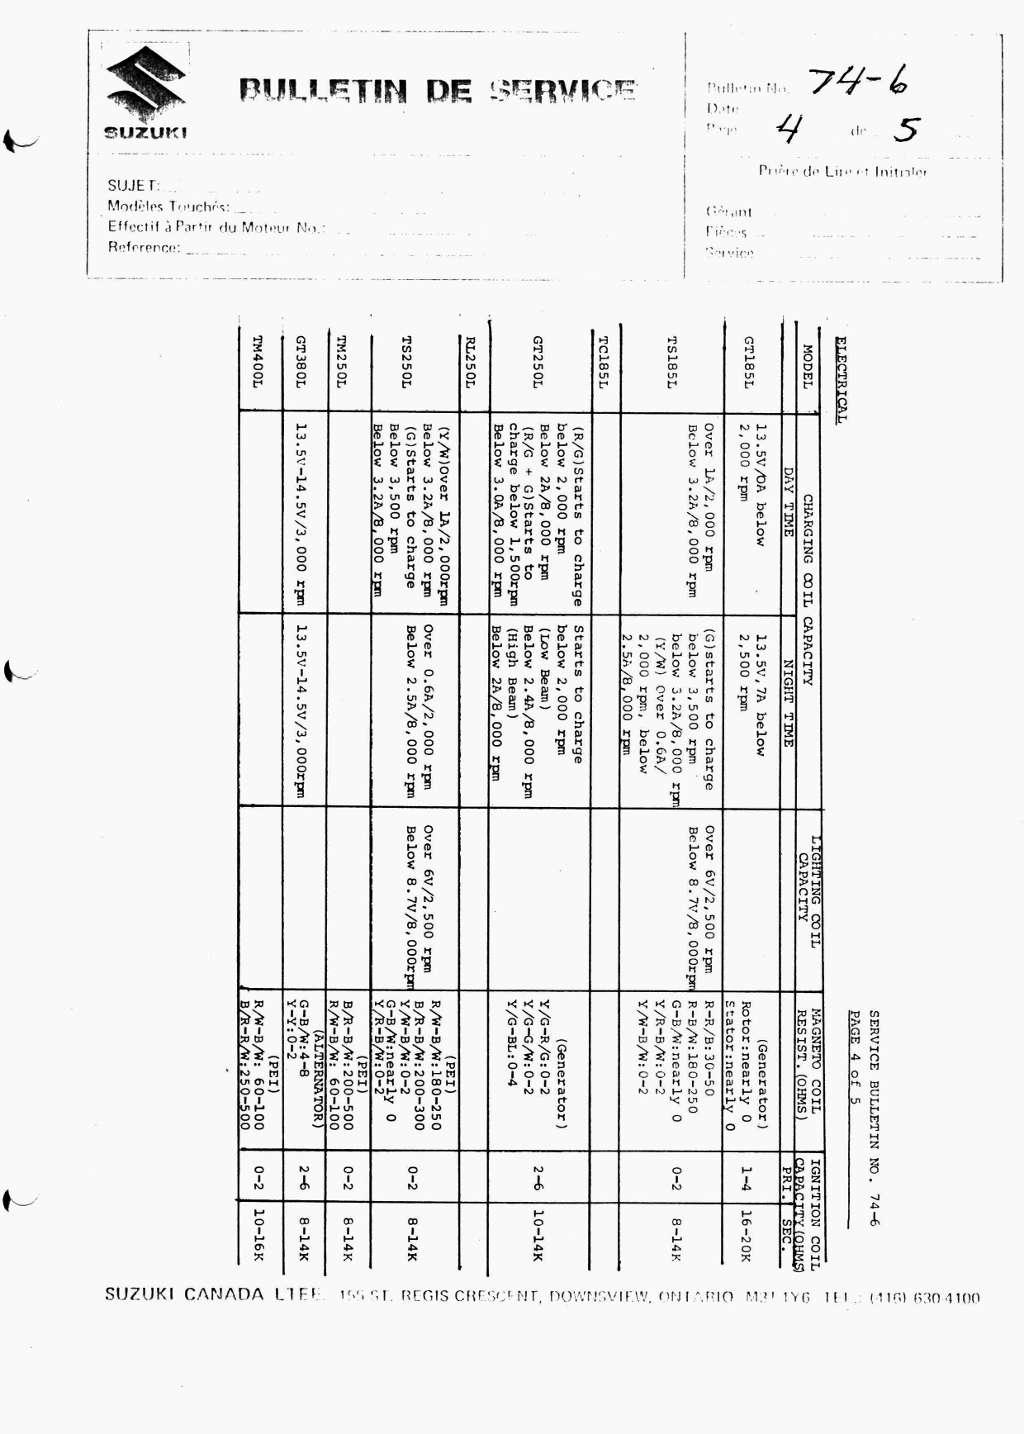 Suzuki Service Bulletins